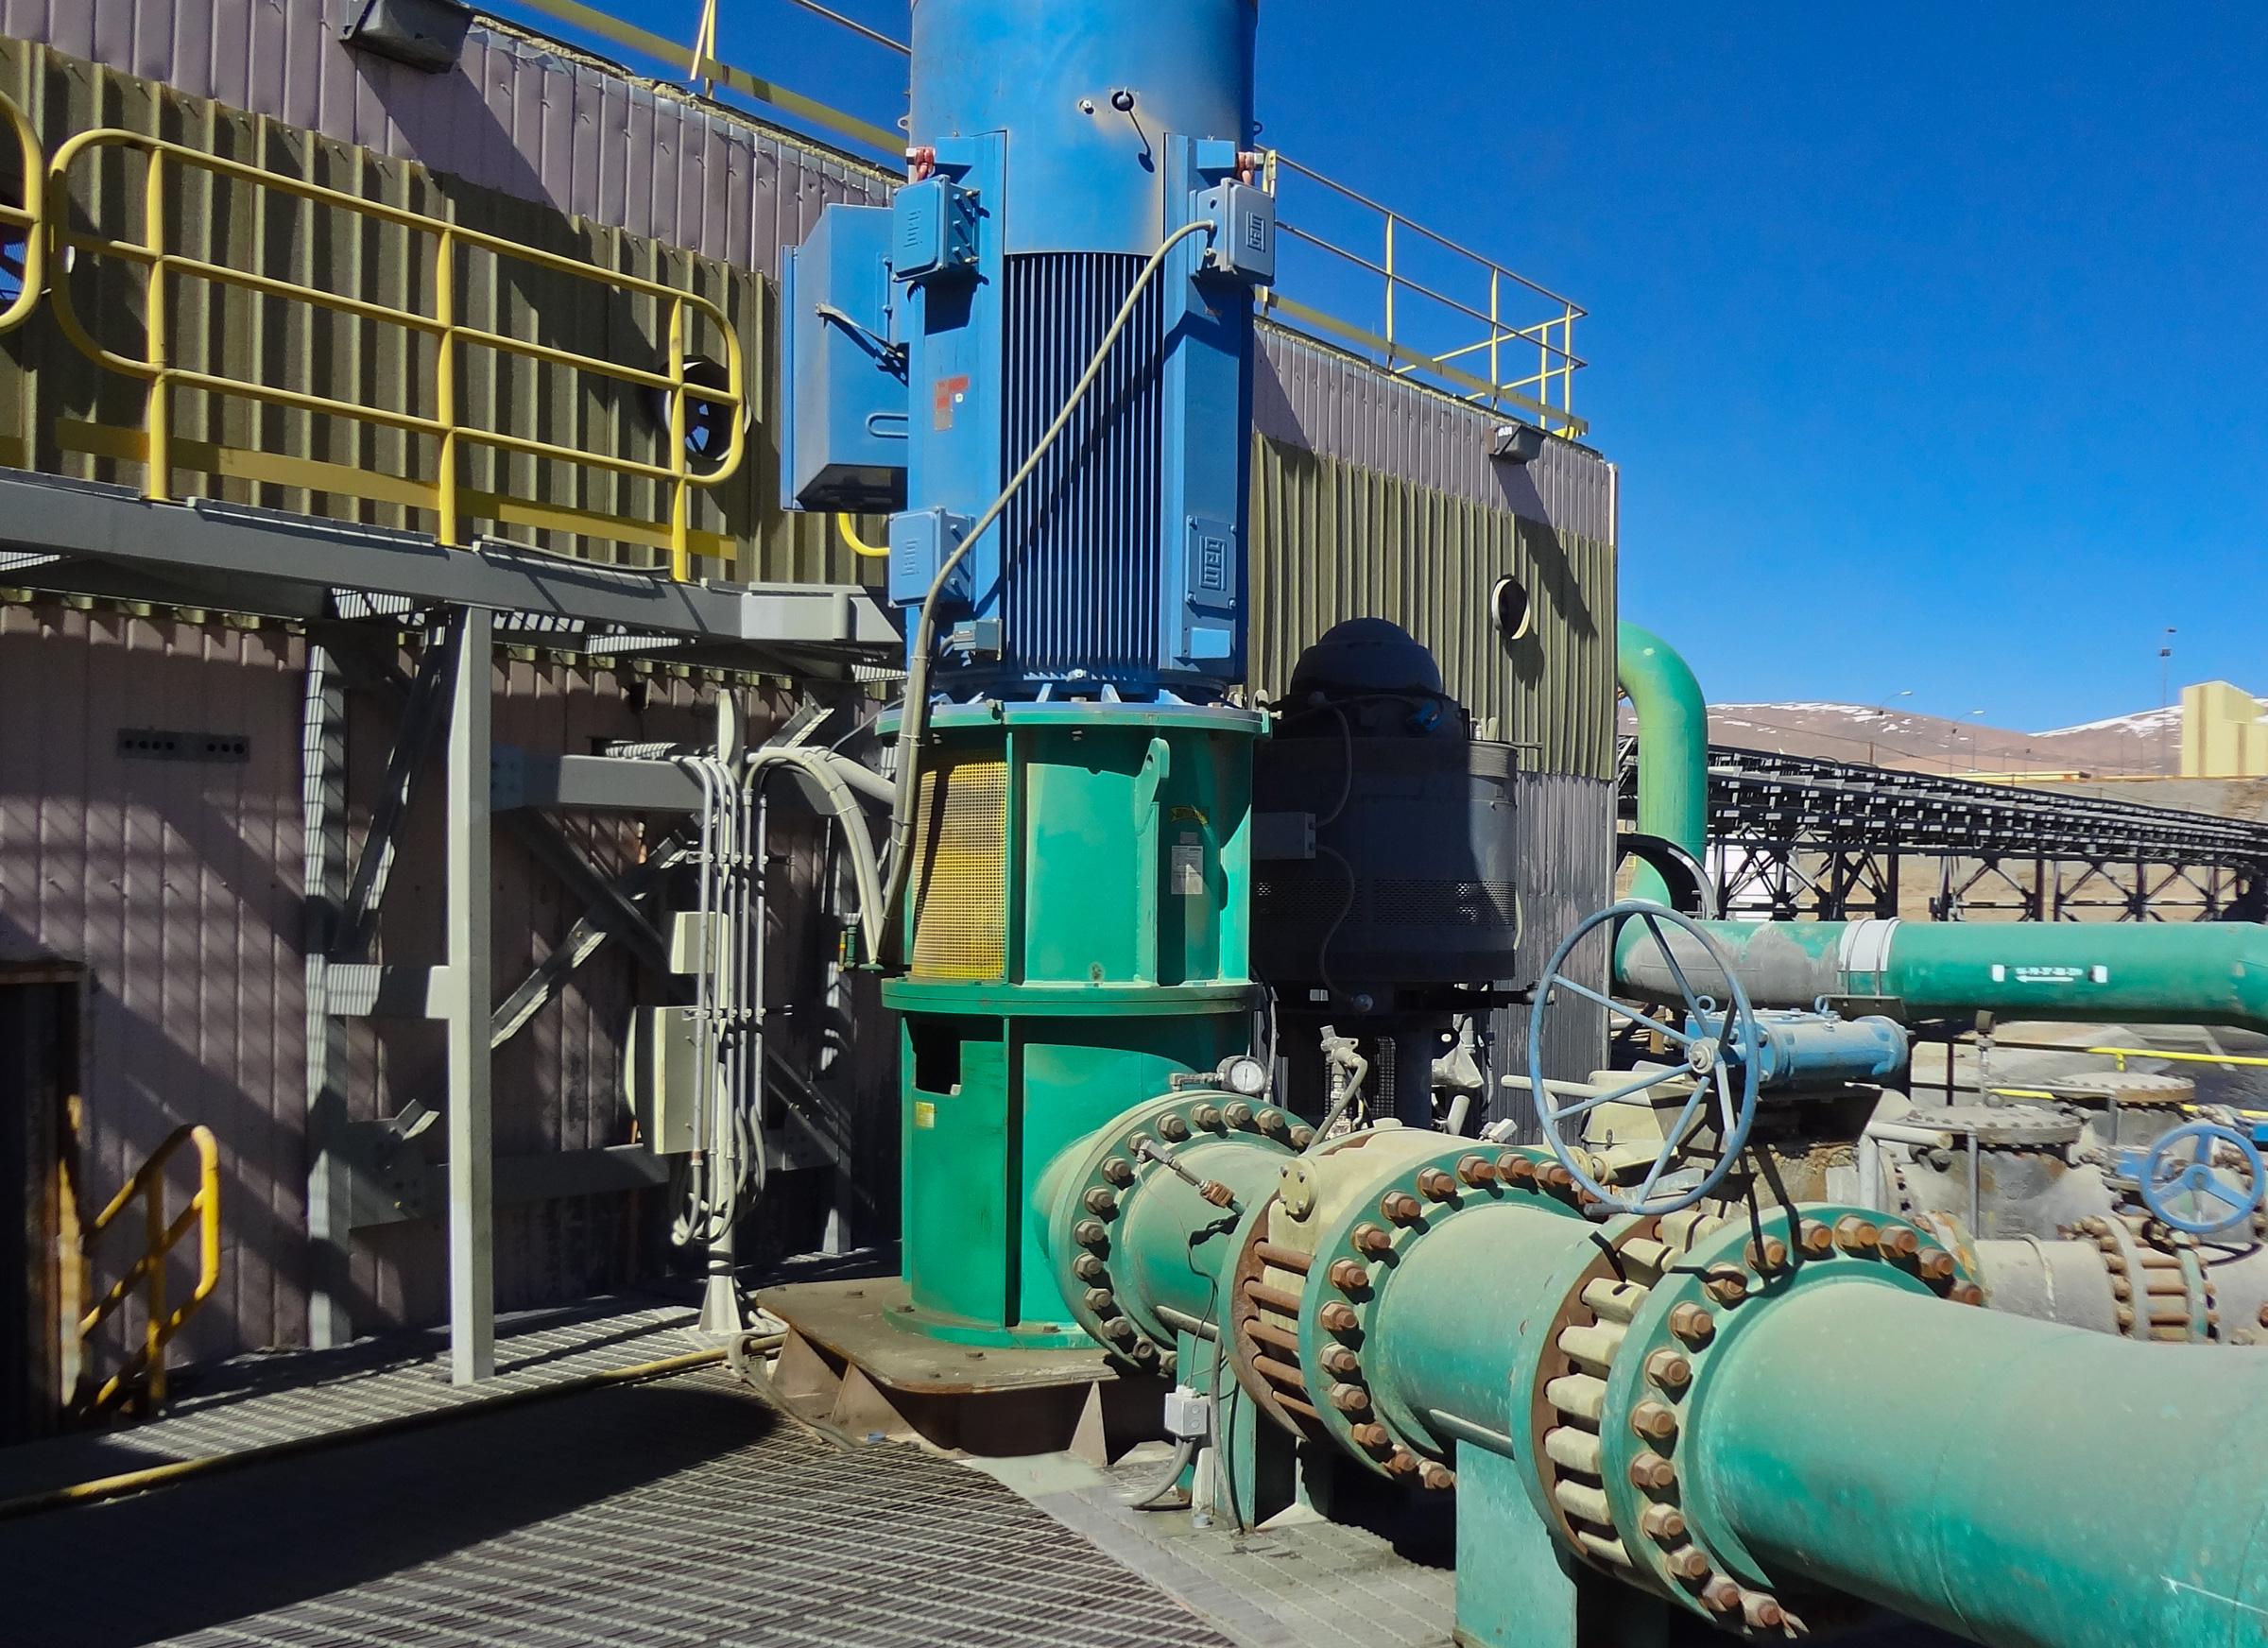 Figure 1. A reclaim water system employing a 1,400-horsepower pump